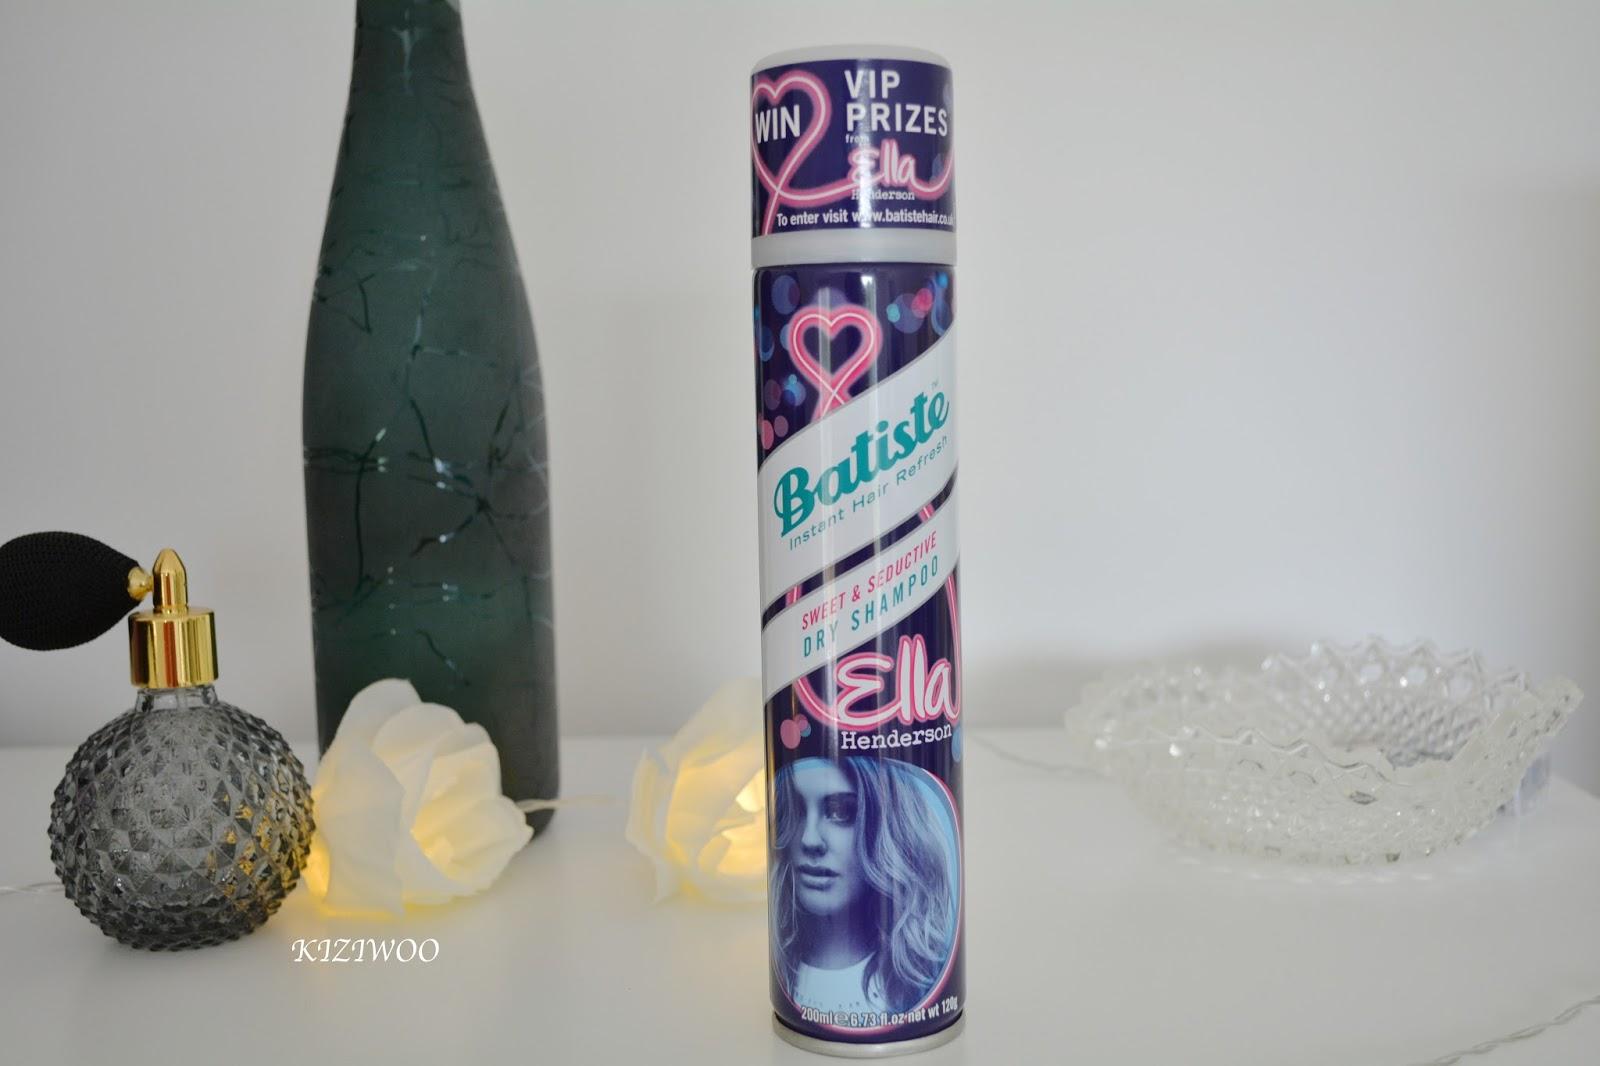 f7c2b3750b406 NEW Batiste Dry Shampoo by Ella Henderson